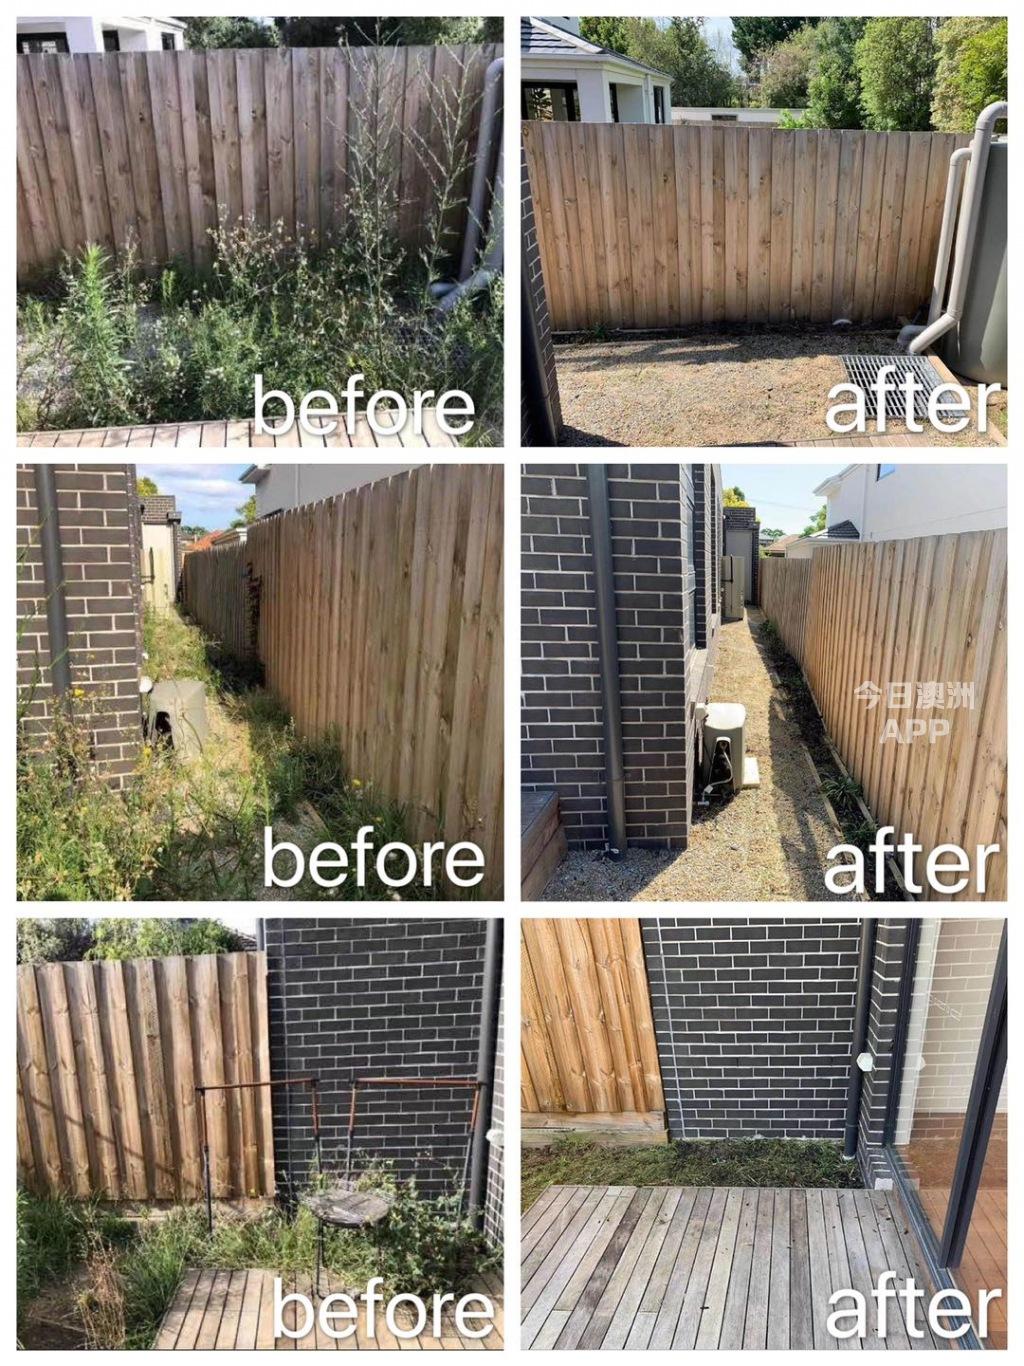 退房清洁除草或砍树家具回收或处理垃圾处理宜家取货安装搬家